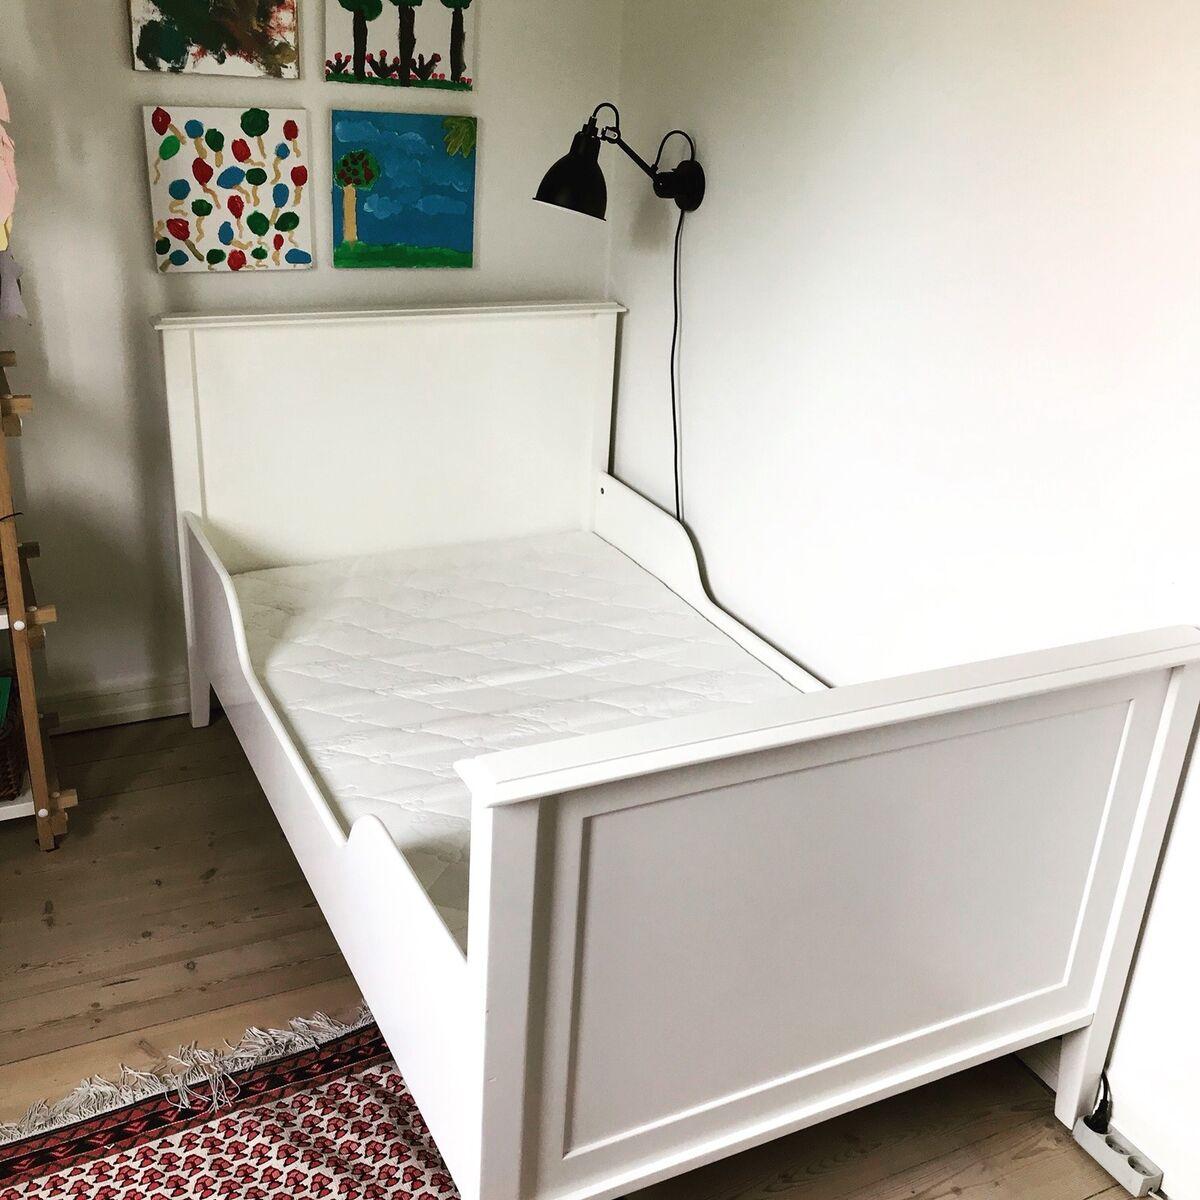 et hjem seng Juniorseng, Et Hjem Gustav – dba.dk – Køb og Salg af Nyt og Brugt et hjem seng